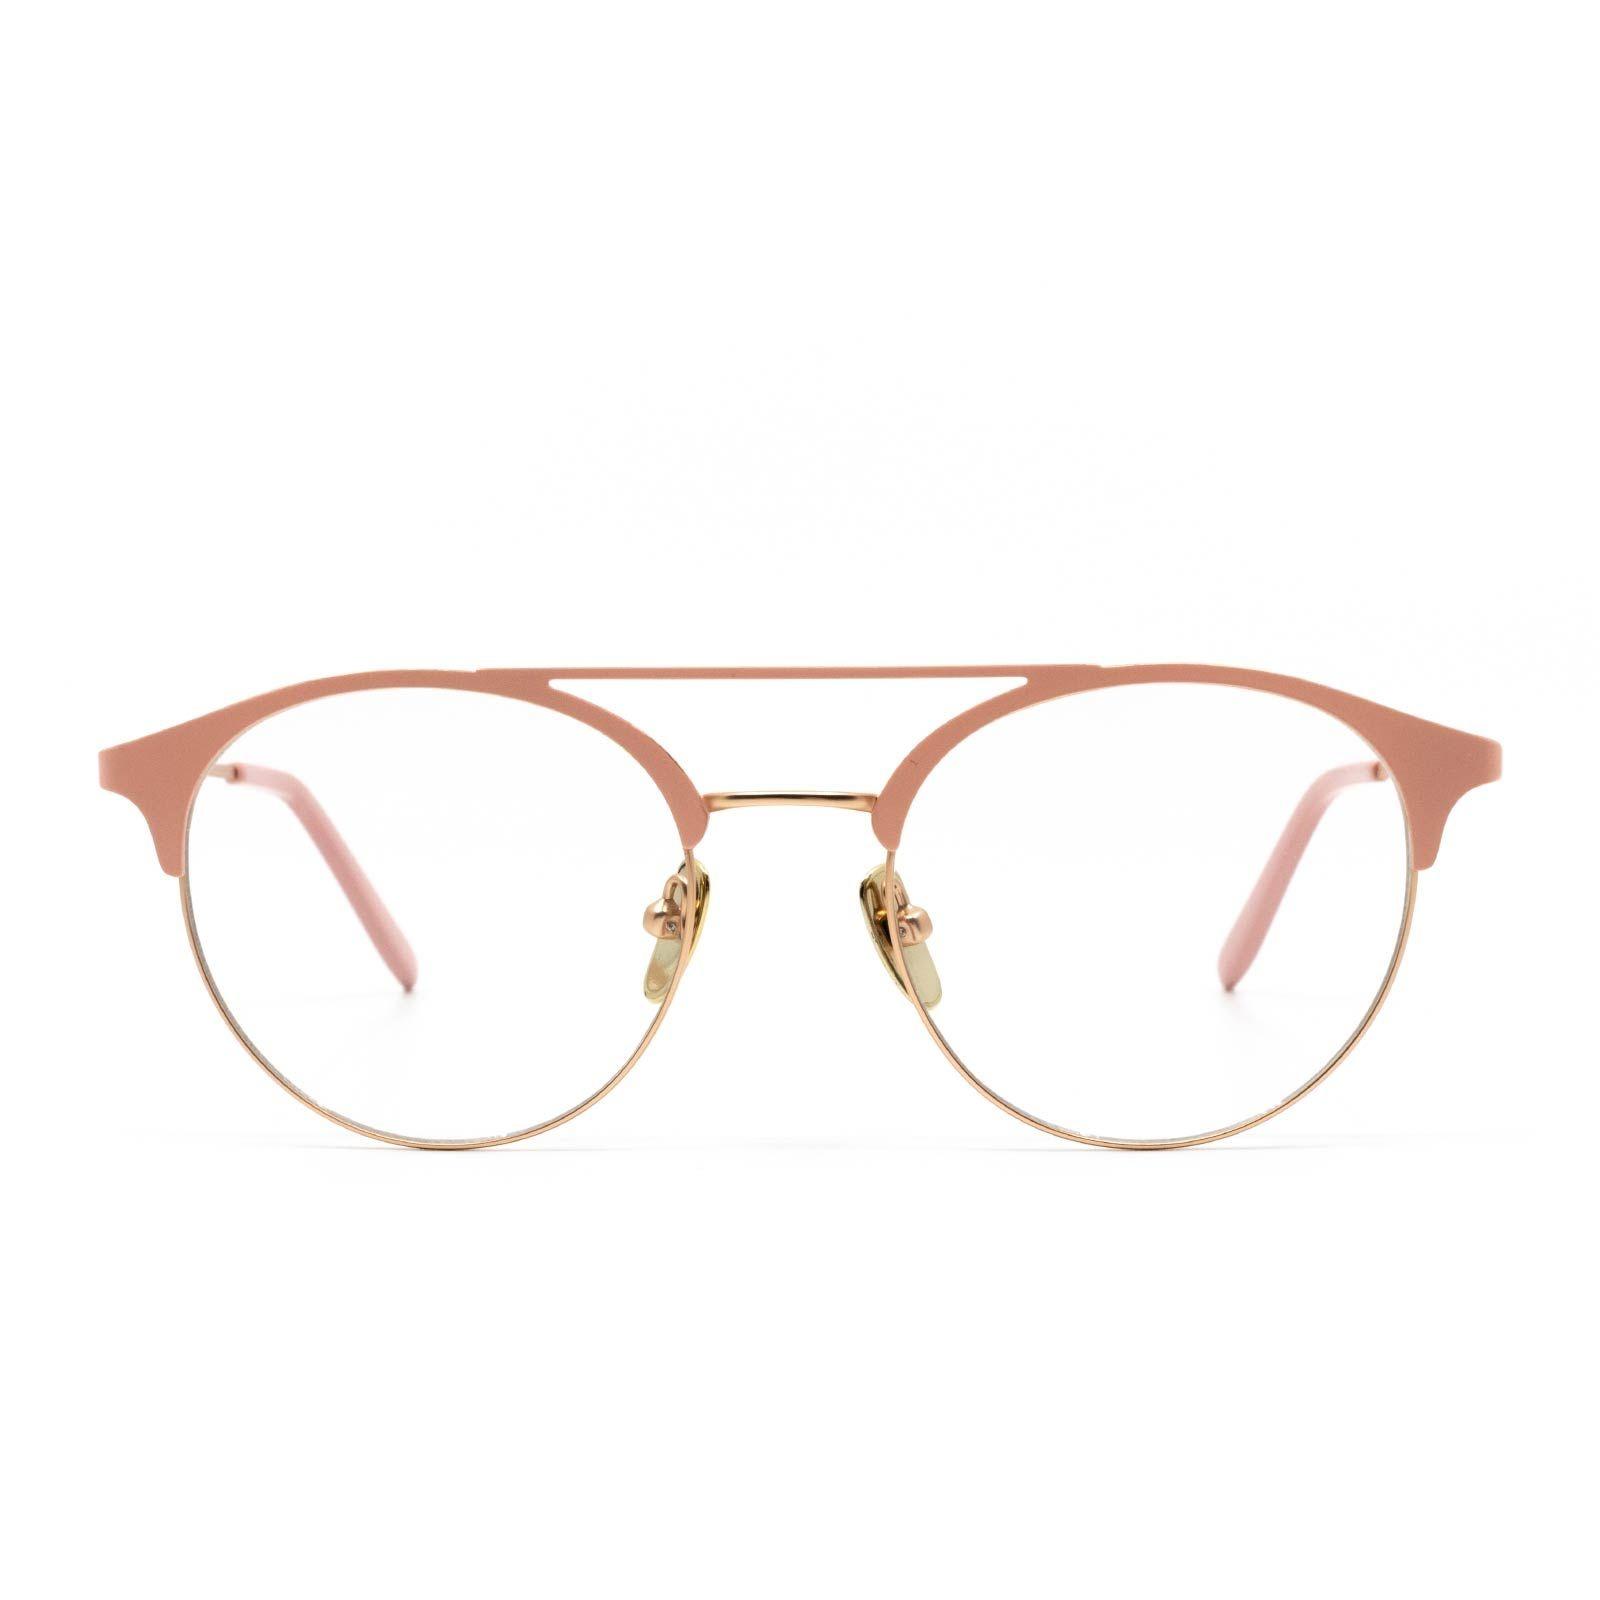 Diff Eyewear Lexi-Rose Gold/Blush